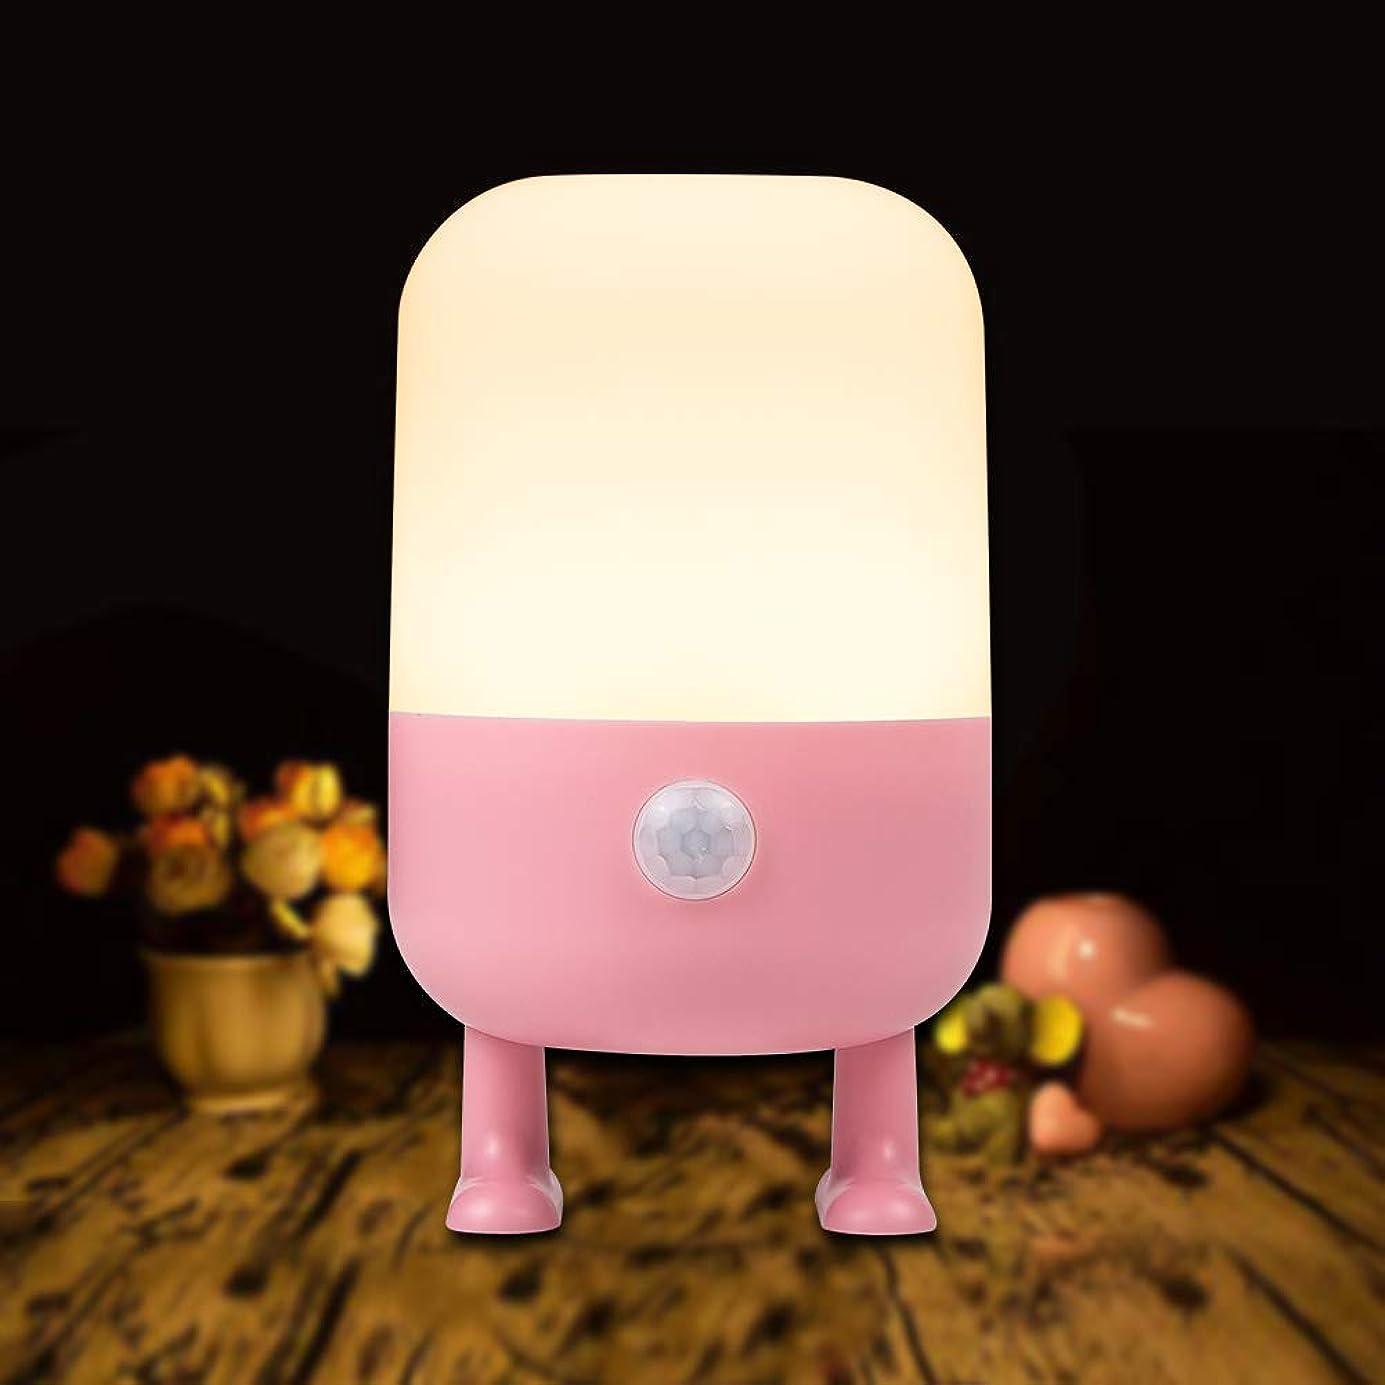 クリエイティブ調整するスケジュール【2019最新版】 LEDセンサーライト DEEPLite 足元ライト ナイトライト 人感センサー 間接照明 3つモード フットライト 充電式 室内照明 玄関 階段 廊下 子供用-ピンク